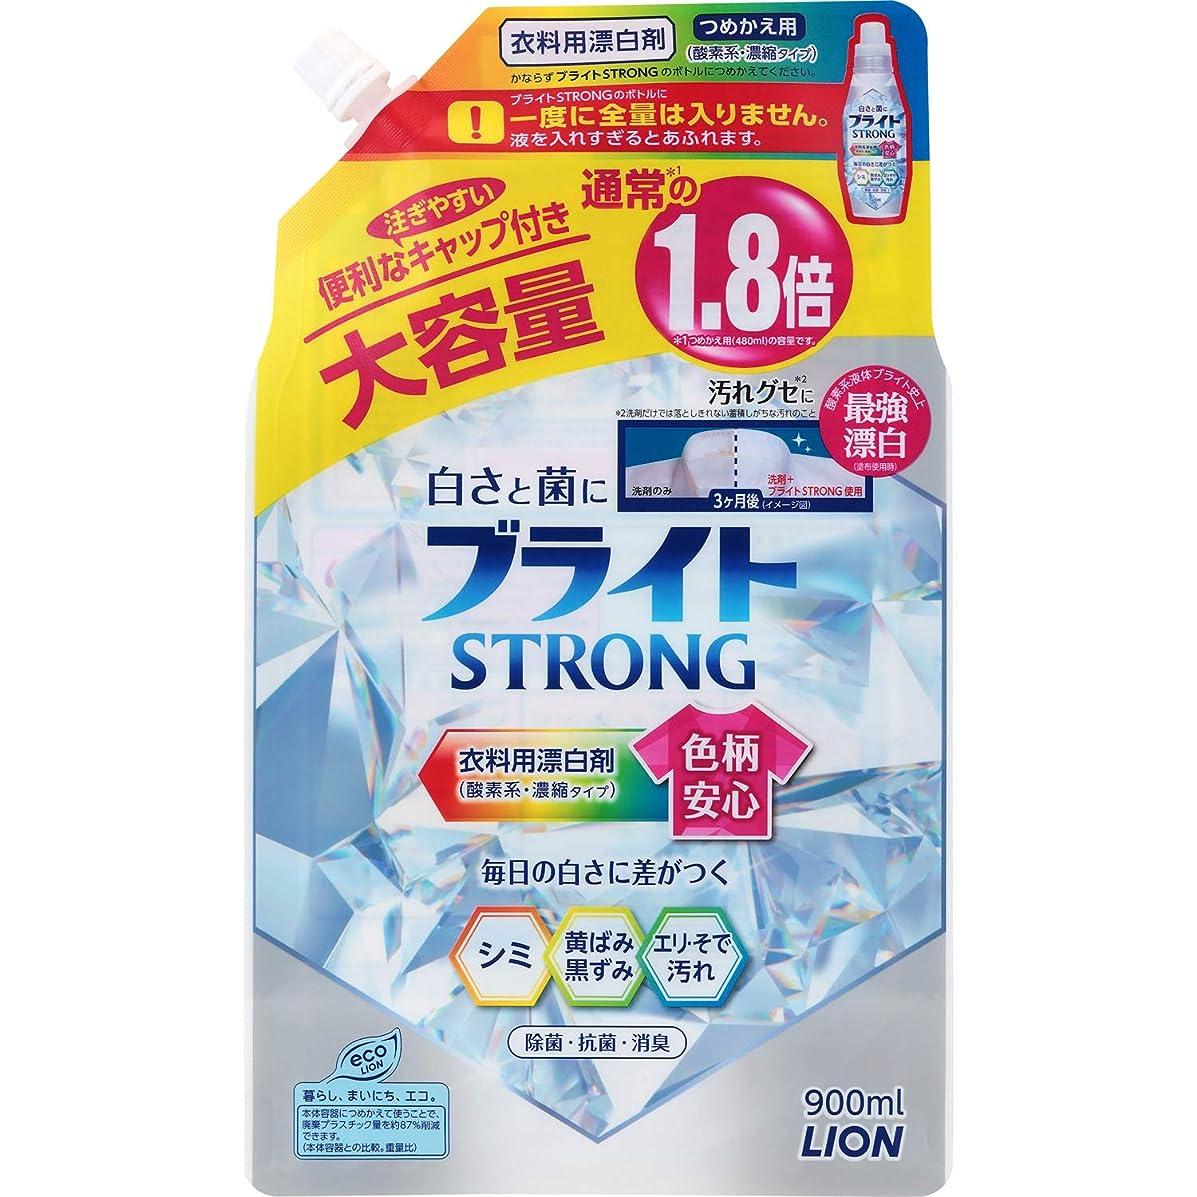 エンジン基準同化【大容量】ブライトSTRONG 衣類用漂白剤 詰め替え 900ml